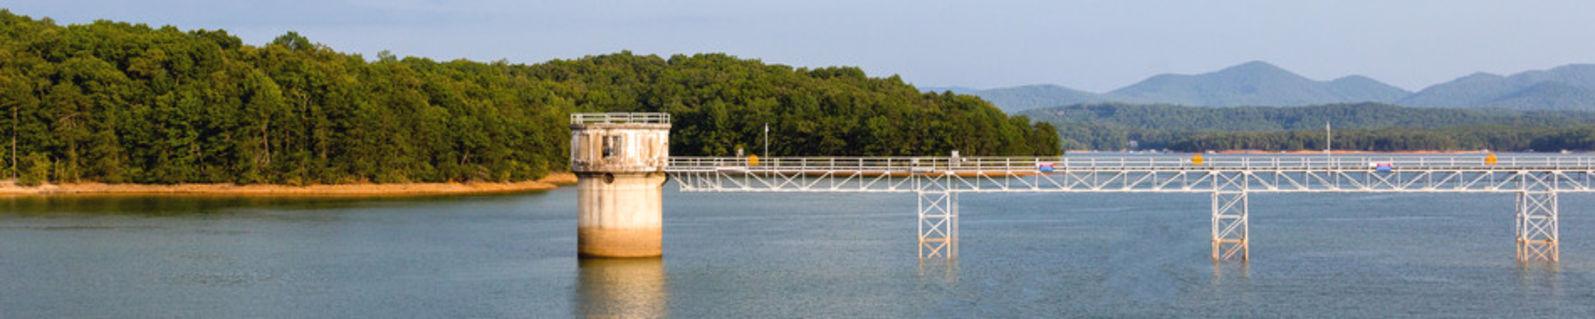 Blue-ridge-dam-panoramic